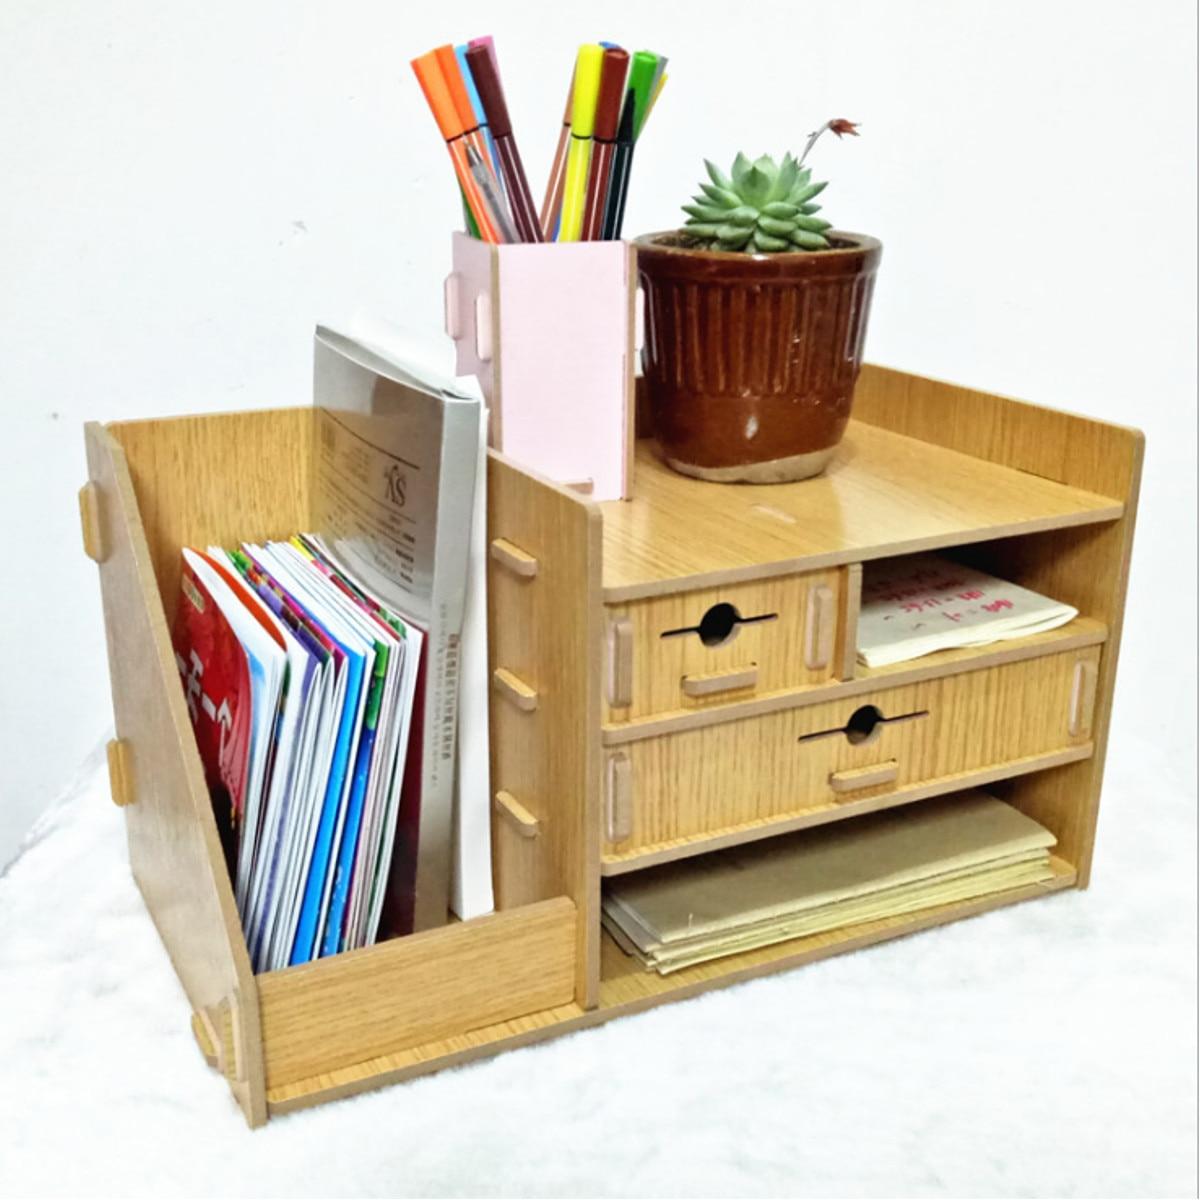 Boîte de rangement en bois bricolage avec tiroir cosmétiques organisateur bureau à domicile bureau tiroir maquillage organisateur nouveau - 6